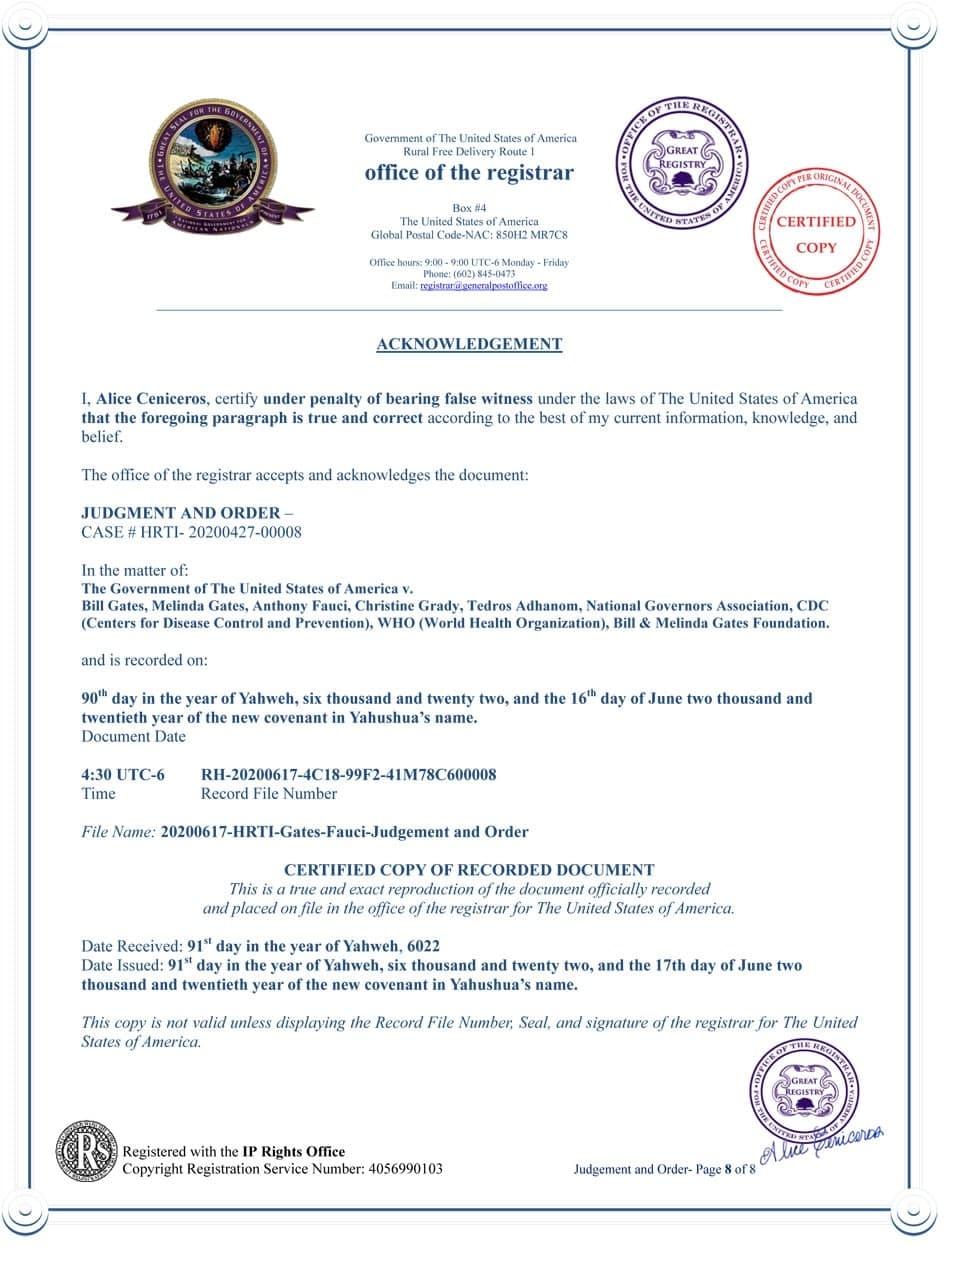 COUR DES DROITS DE L HOMME CONDAMNES 6 _2021-02-16_17-24-15.jpg